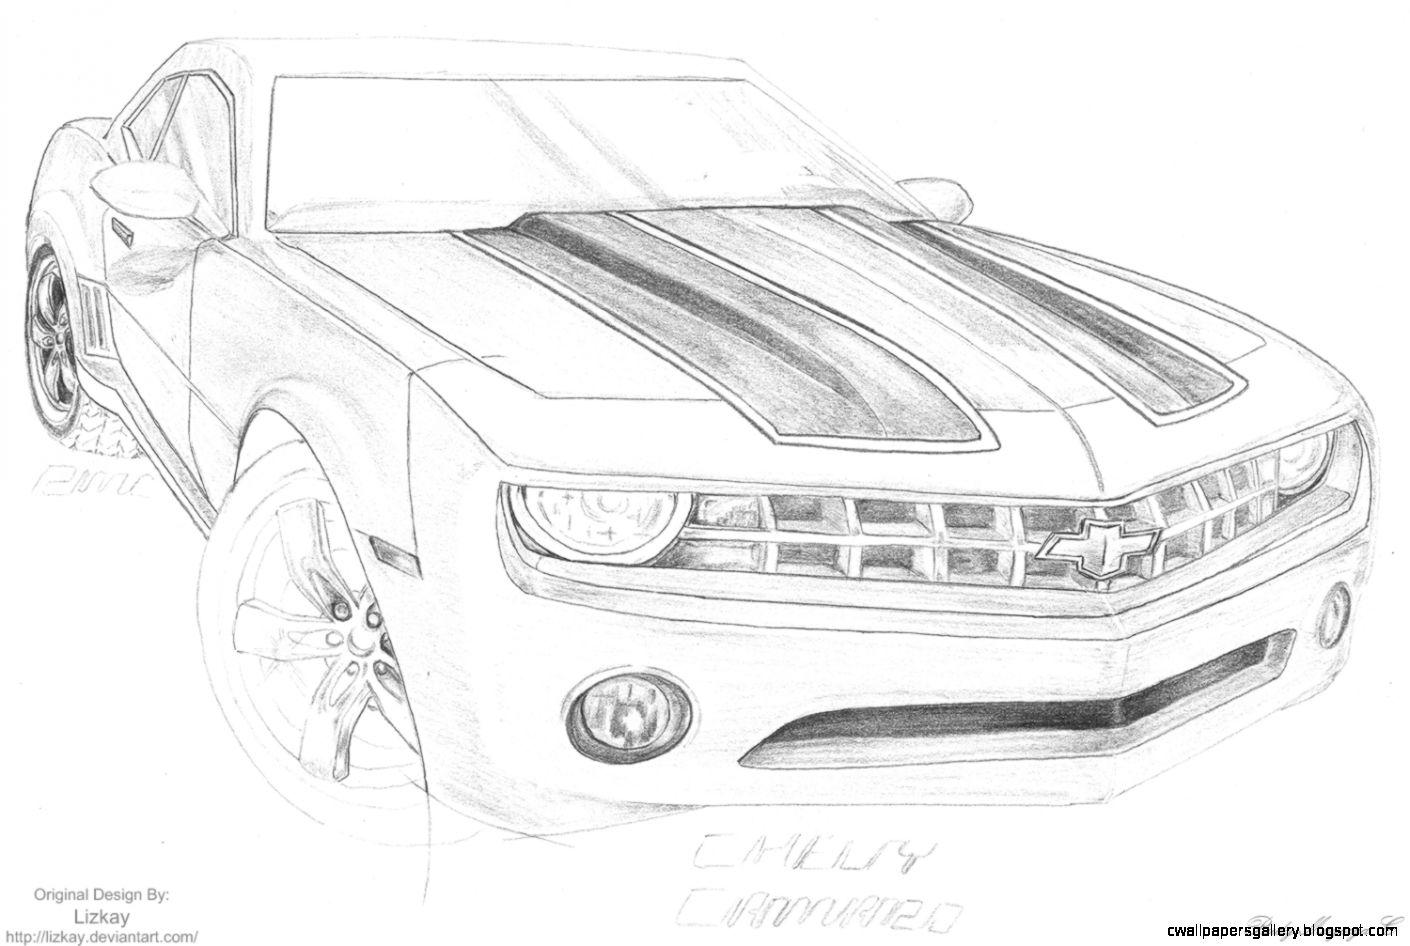 Cool Camaro Drawings | Wallpapers Gallery